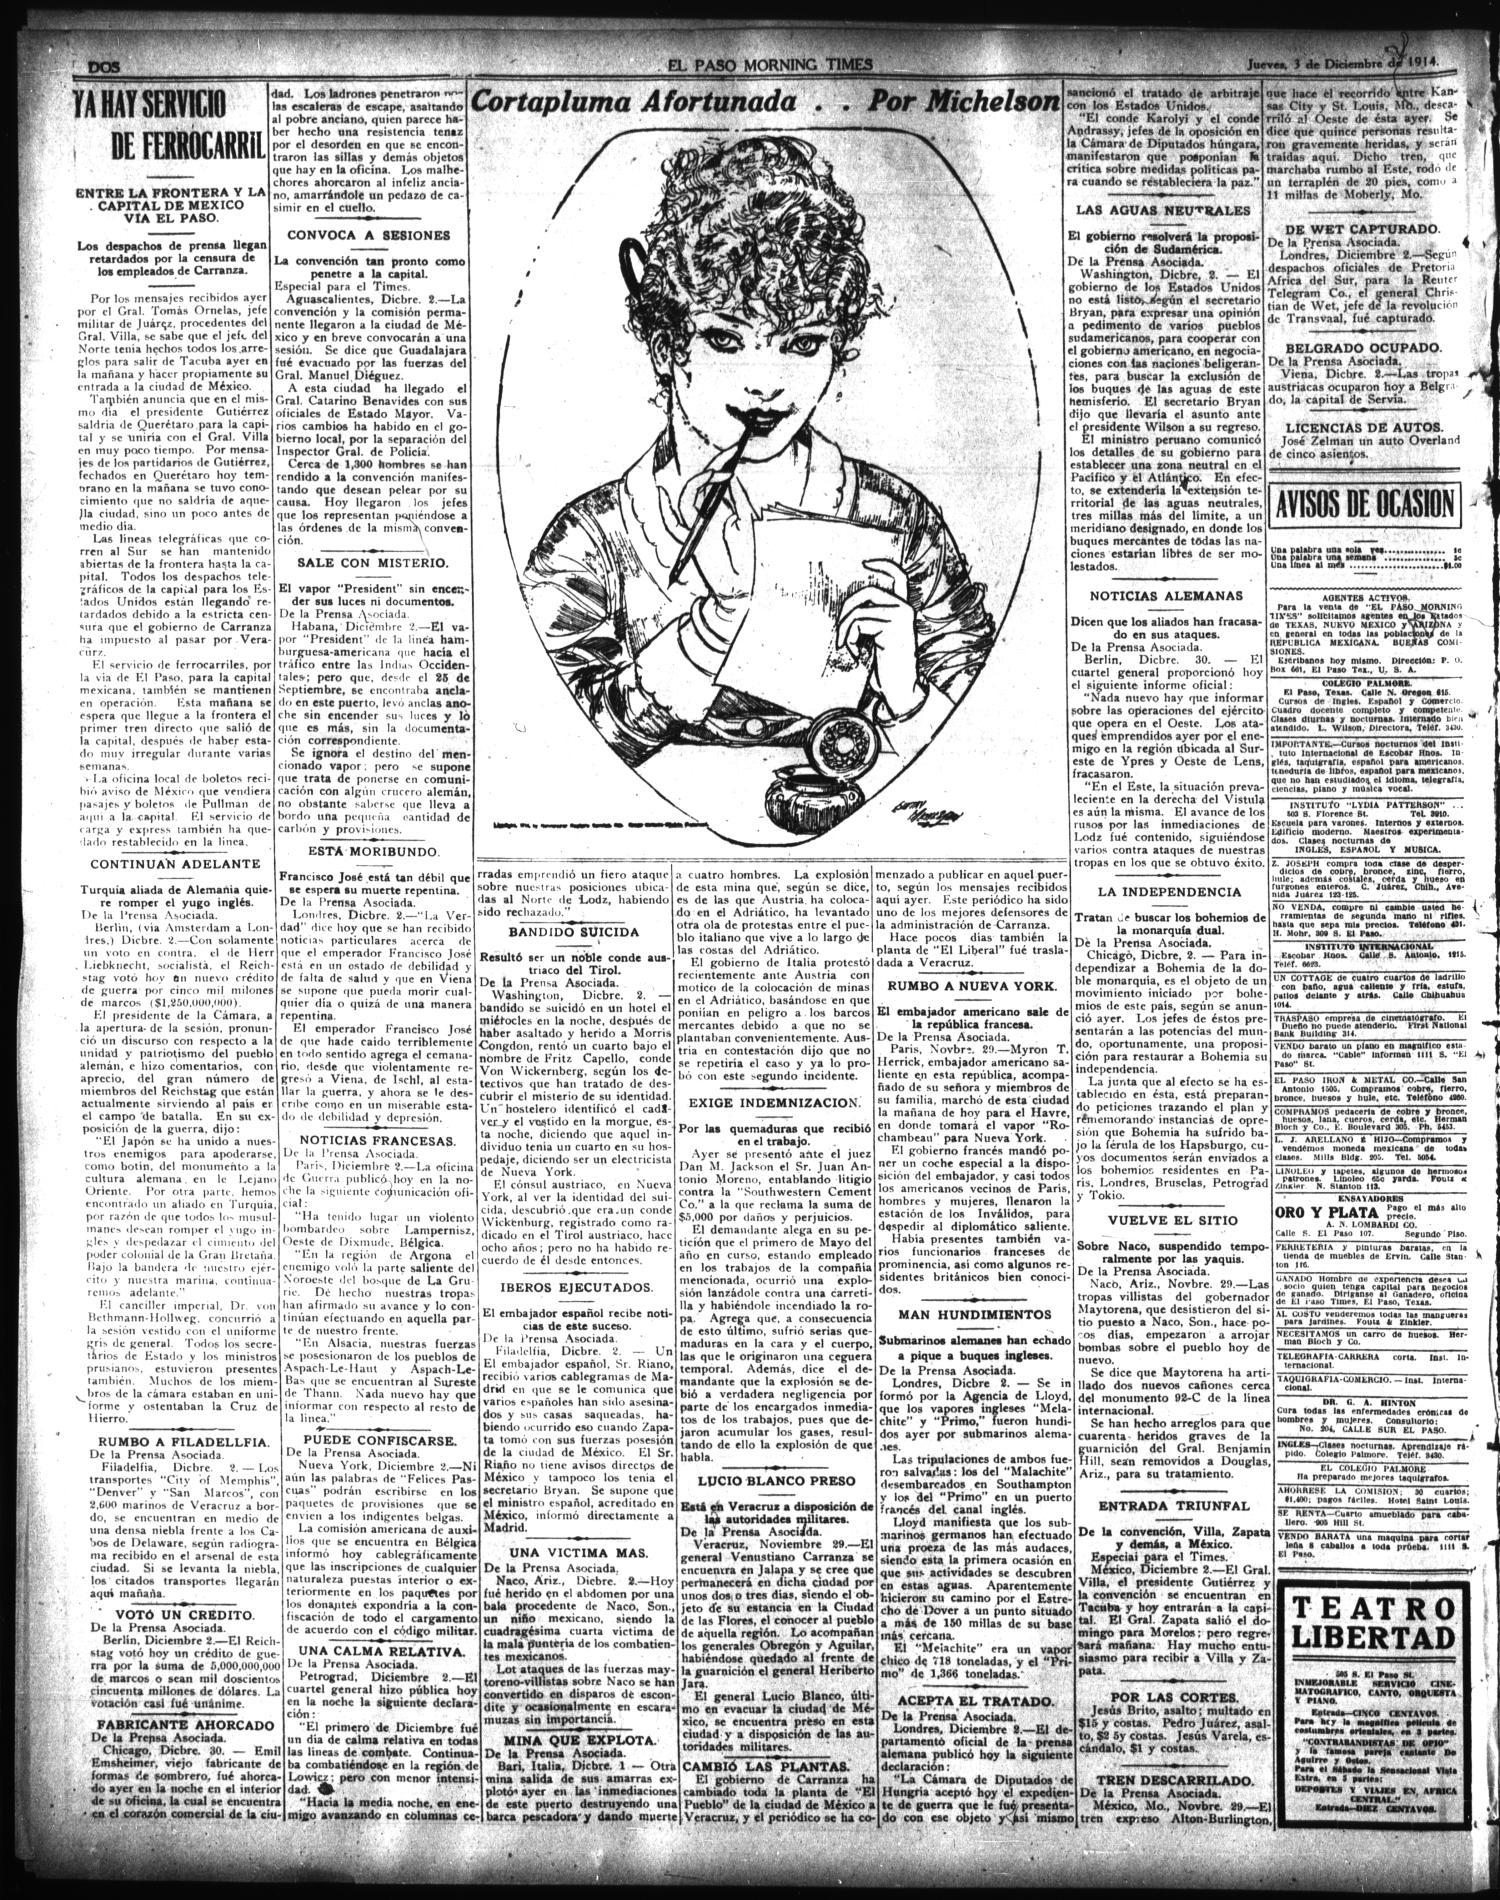 El Paso Morning Times El Paso Tex Vol 35th Year Ed 1  # Muebles Gutierrez Cortes De La Frontera